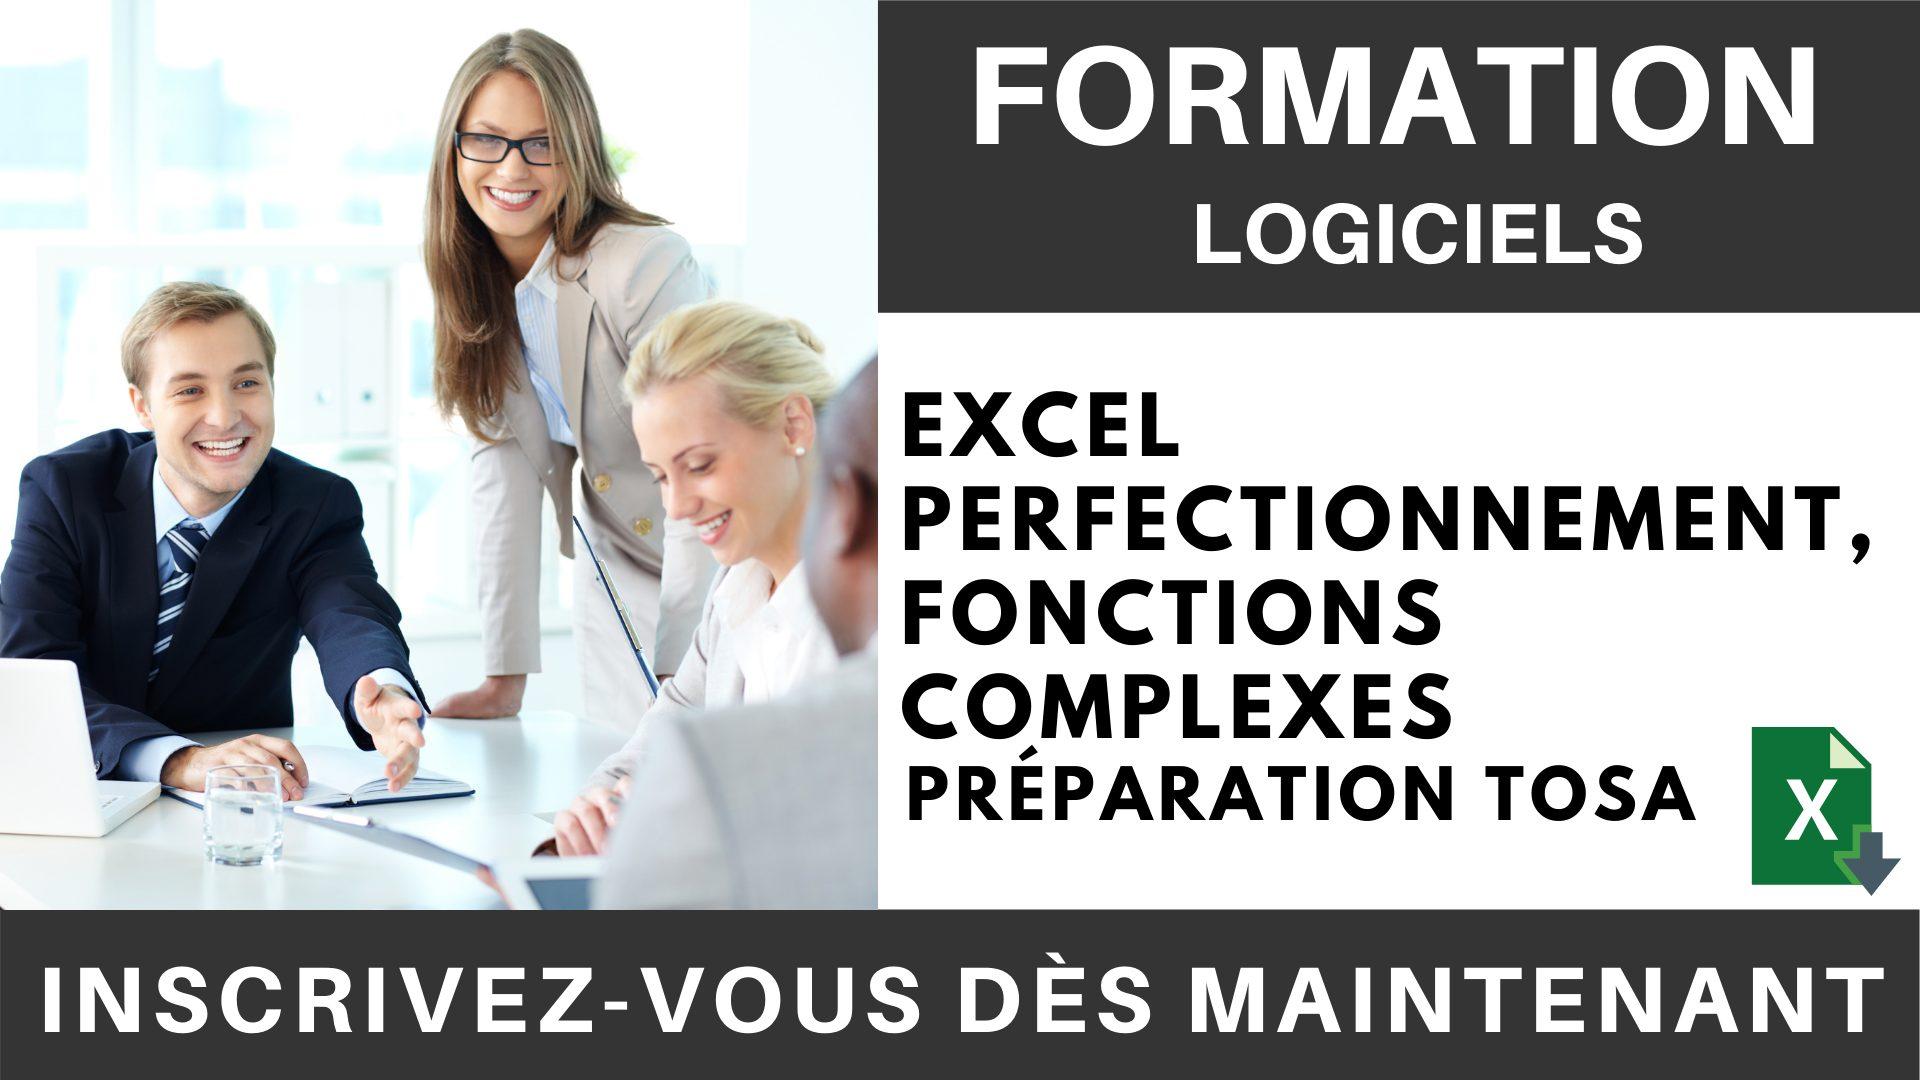 Formation LOGICIEL - Excel Perfectionnement, Fonctions complexes - Préparation TOSA